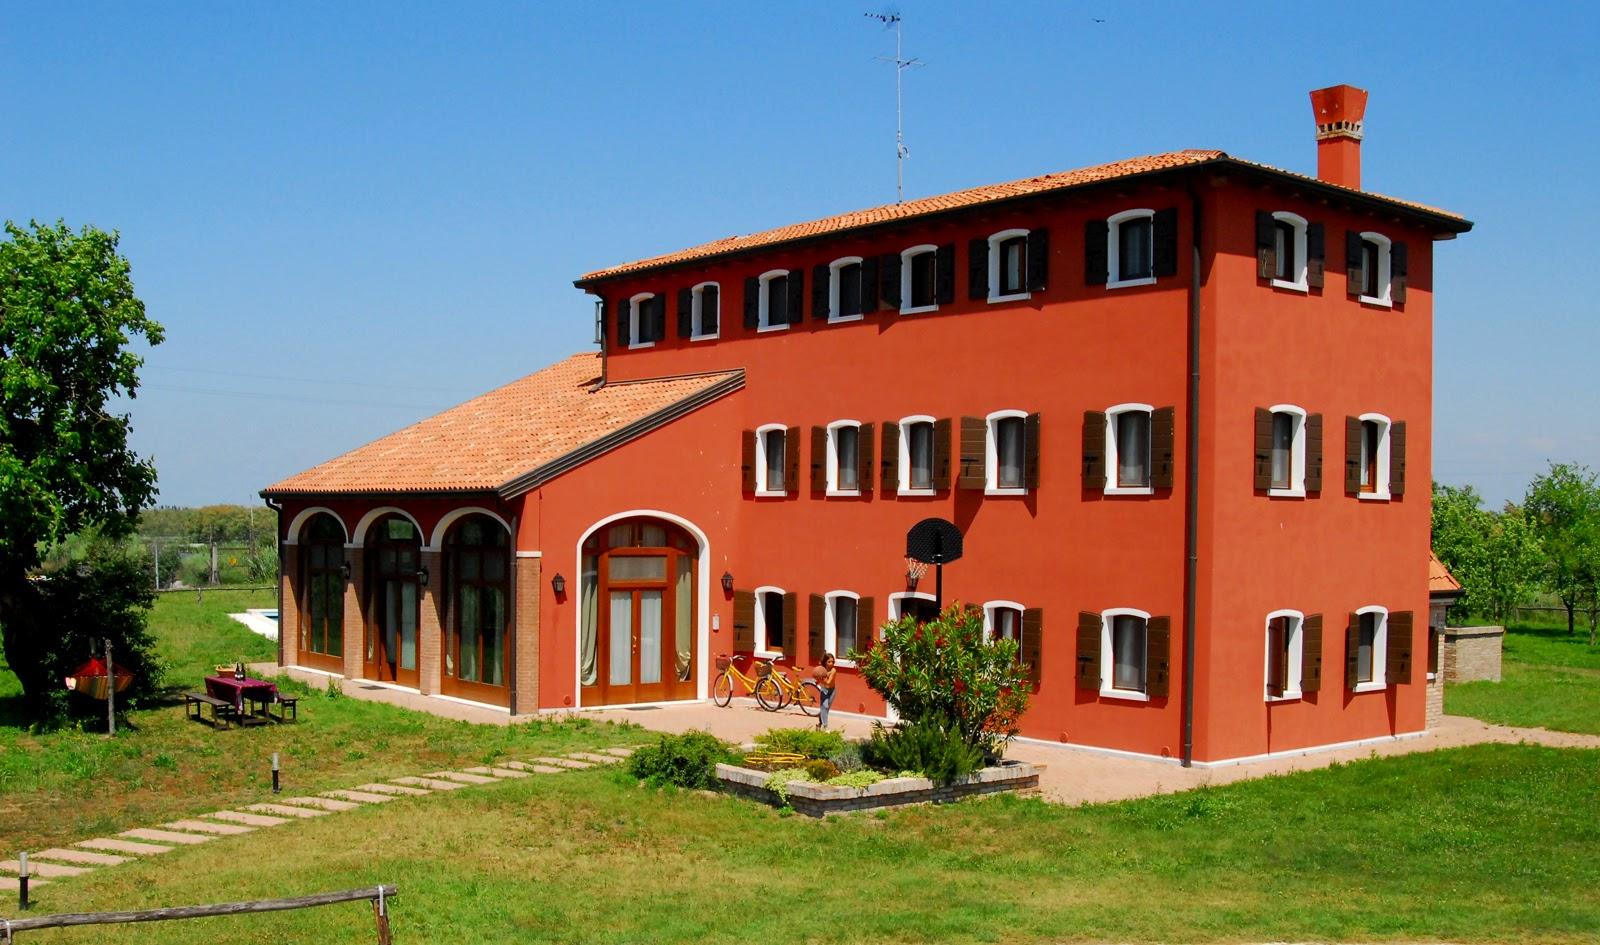 Ferienwohnung Valle 2 (734744), Jesolo, Adriaküste (Venetien), Venetien, Italien, Bild 3